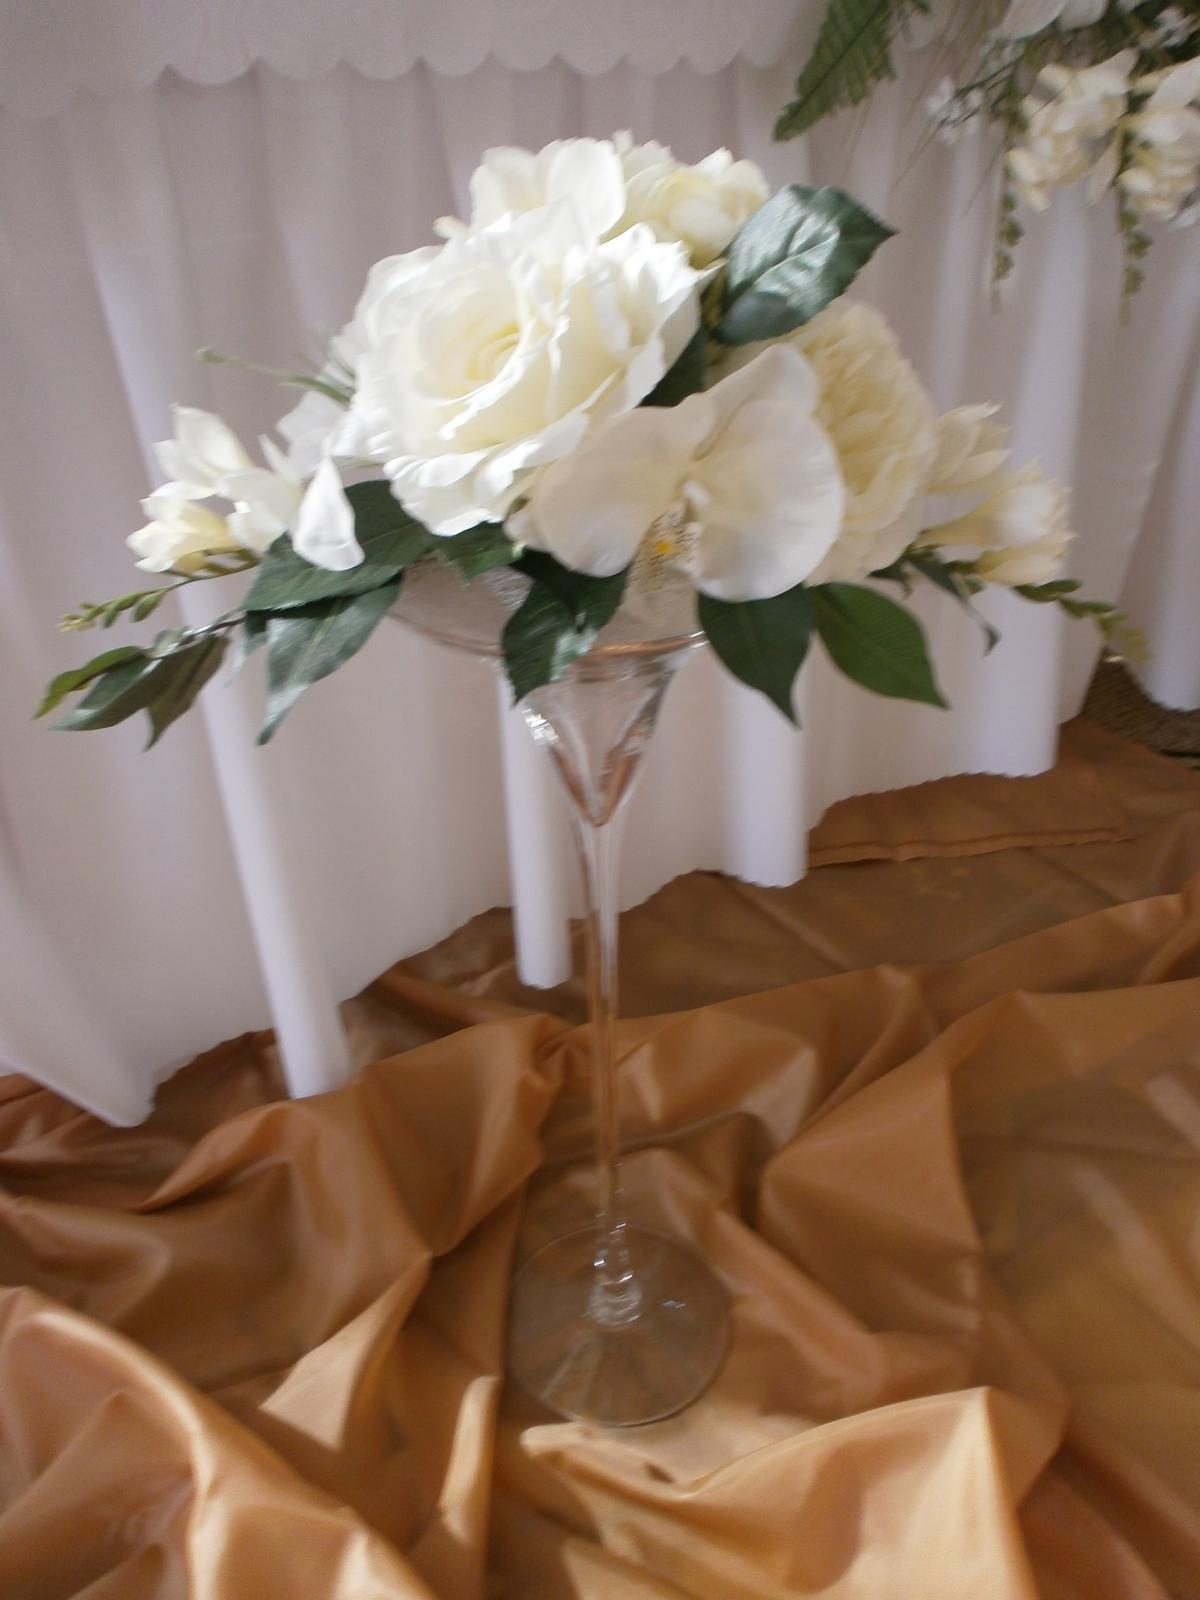 Svadobné dekorácie - Obrázok č. 6